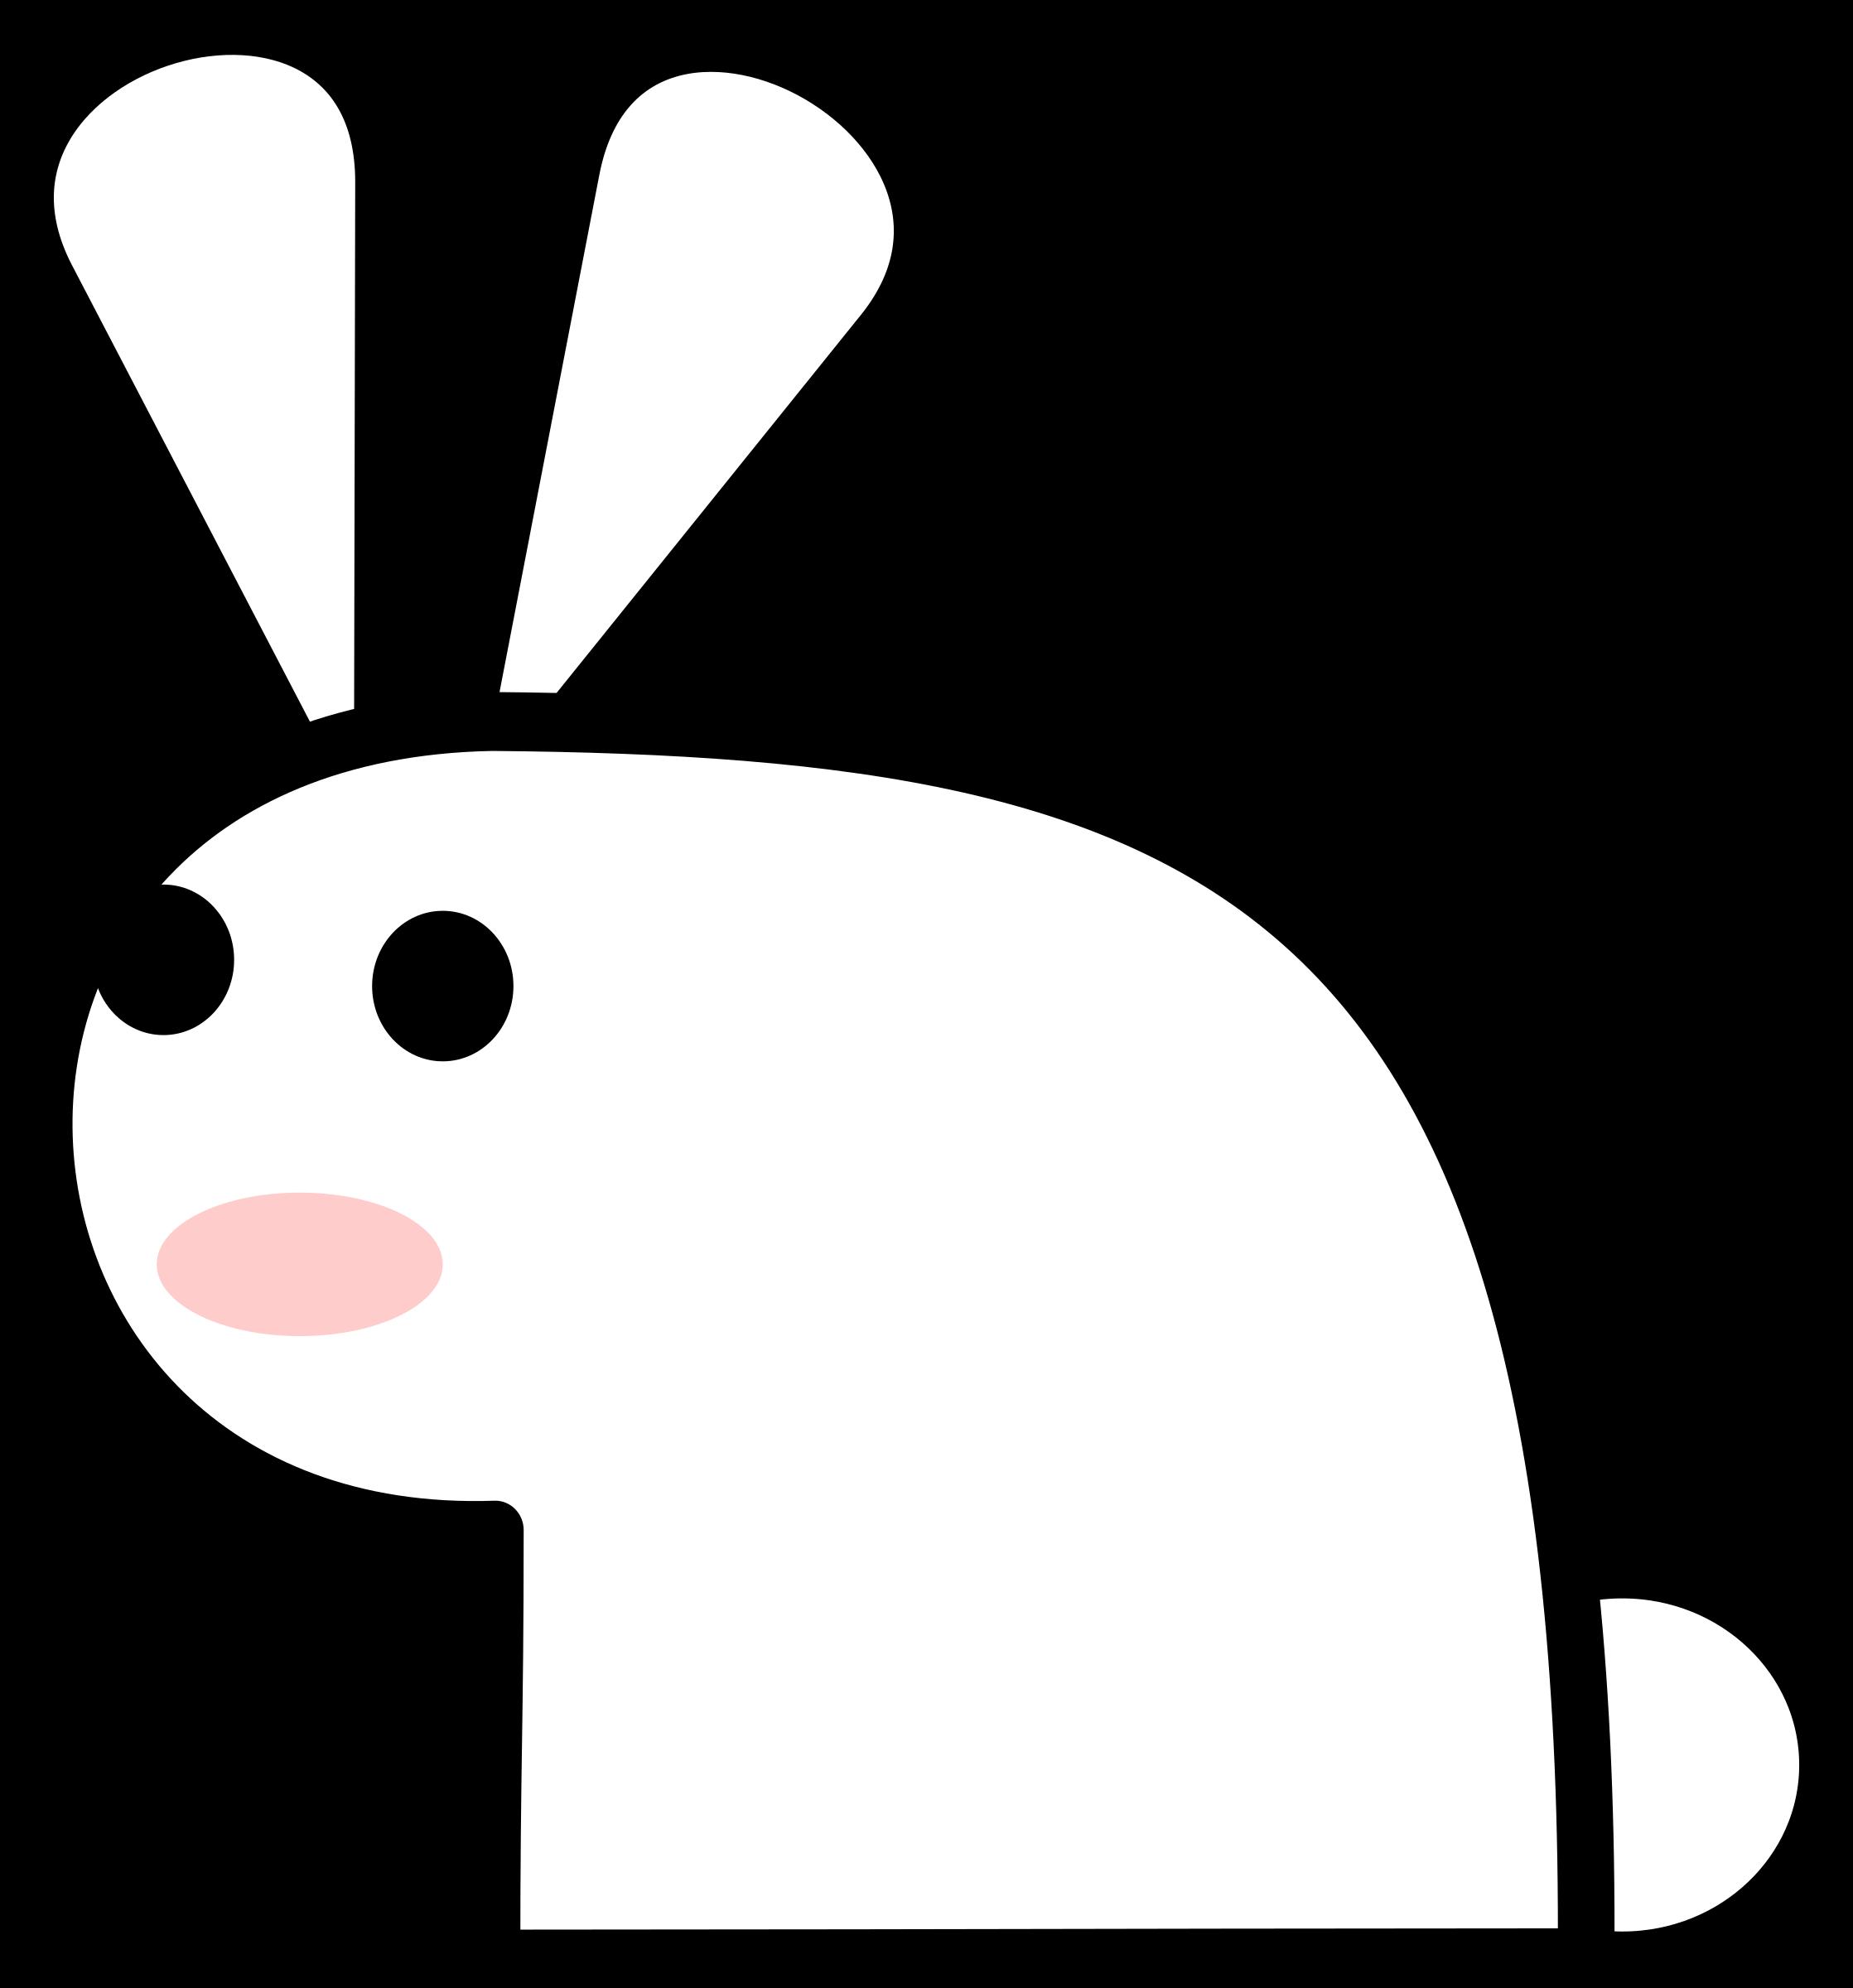 Big image png. Clipart rabbit jack rabbit